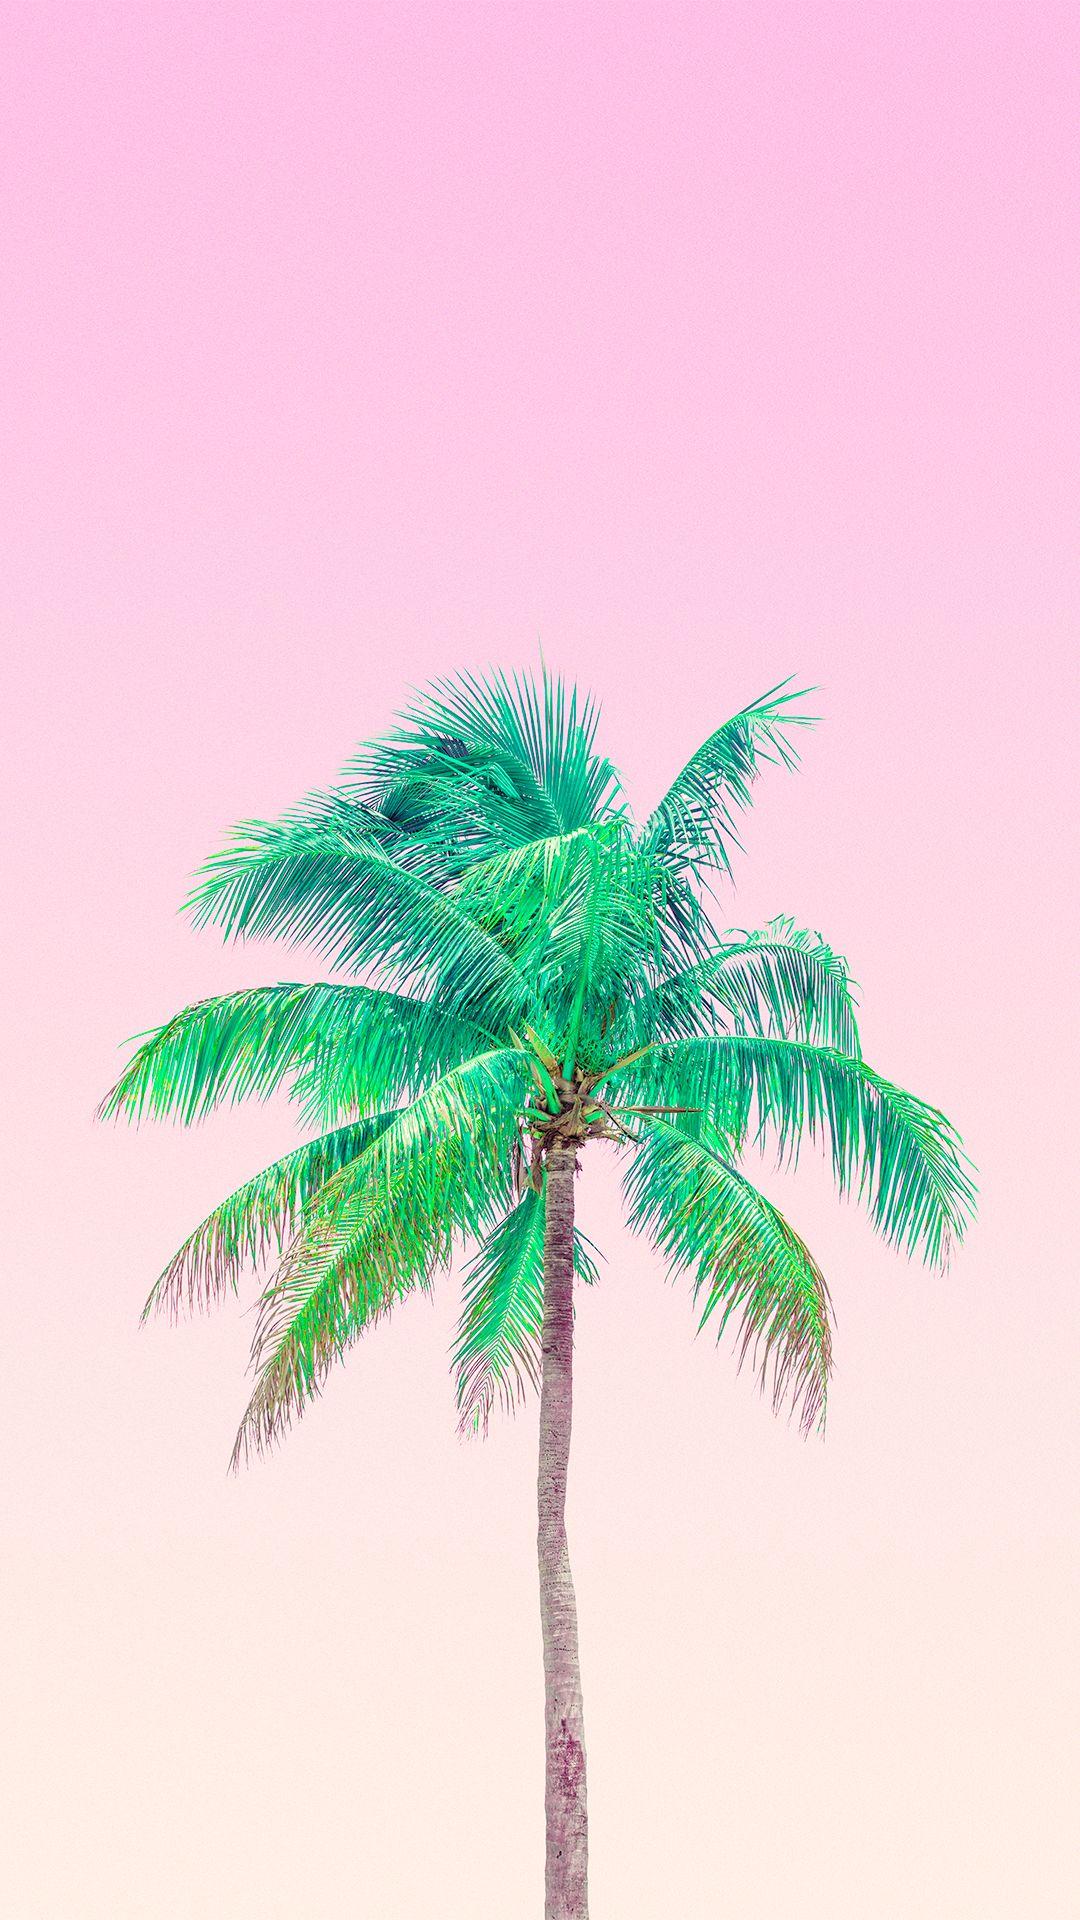 Palm tree wallpaper 夏 壁紙, 木の壁紙